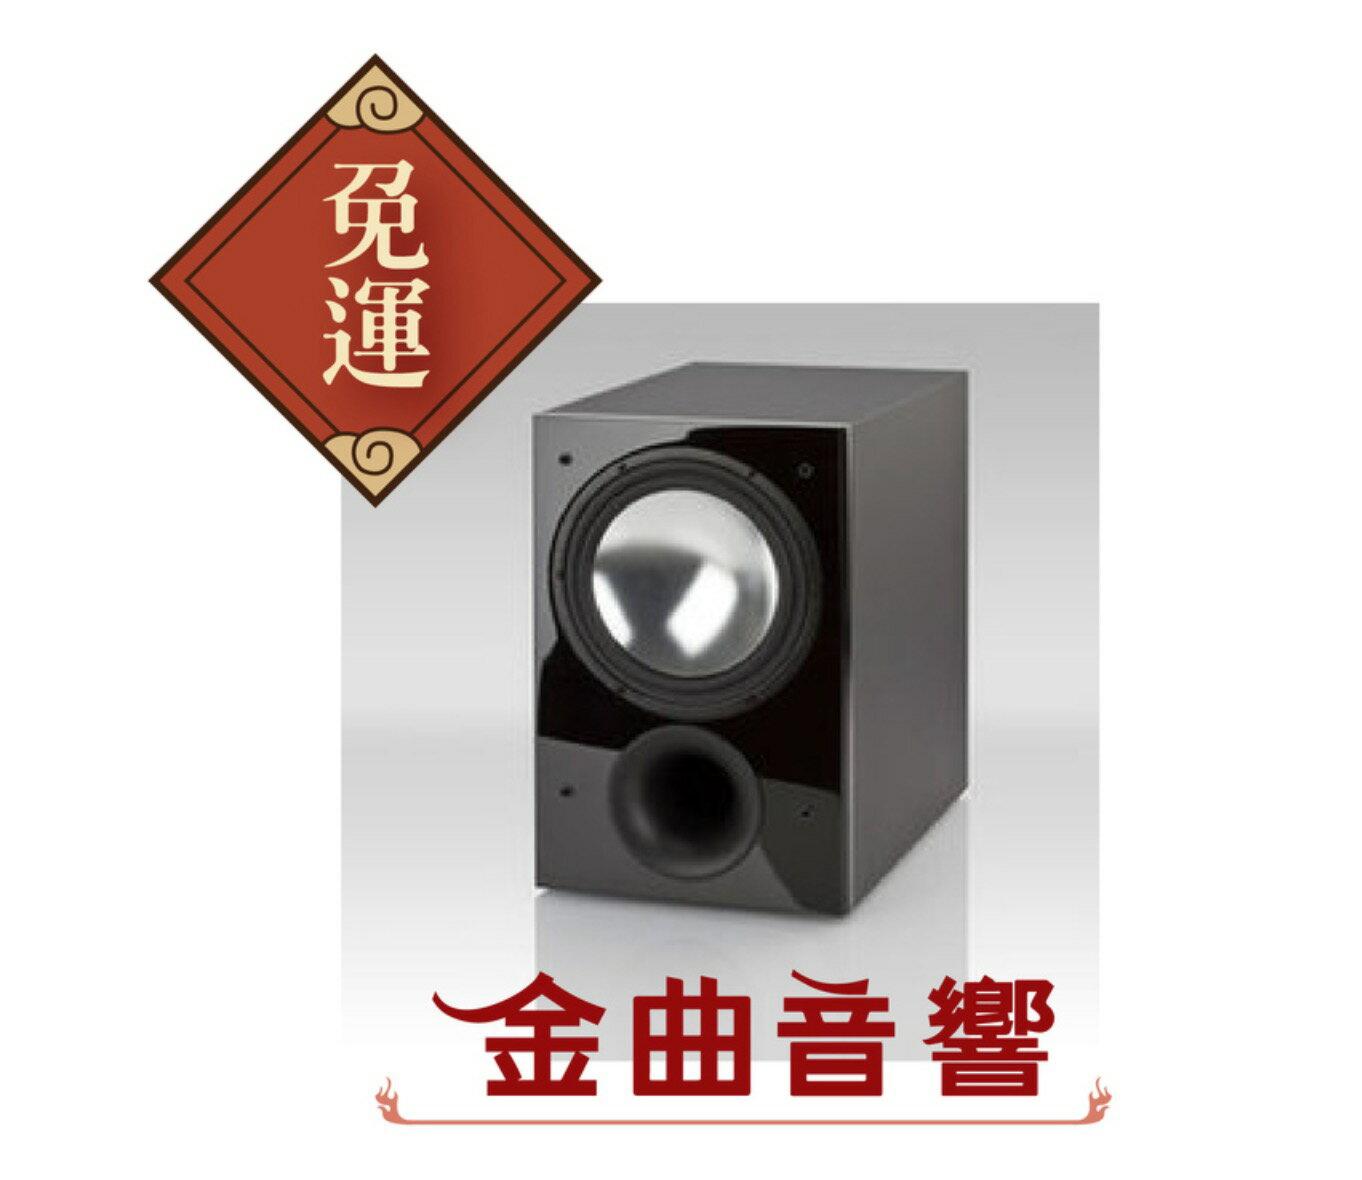 【金曲音響】ELAC SUB 111.2 ESP超低音喇叭